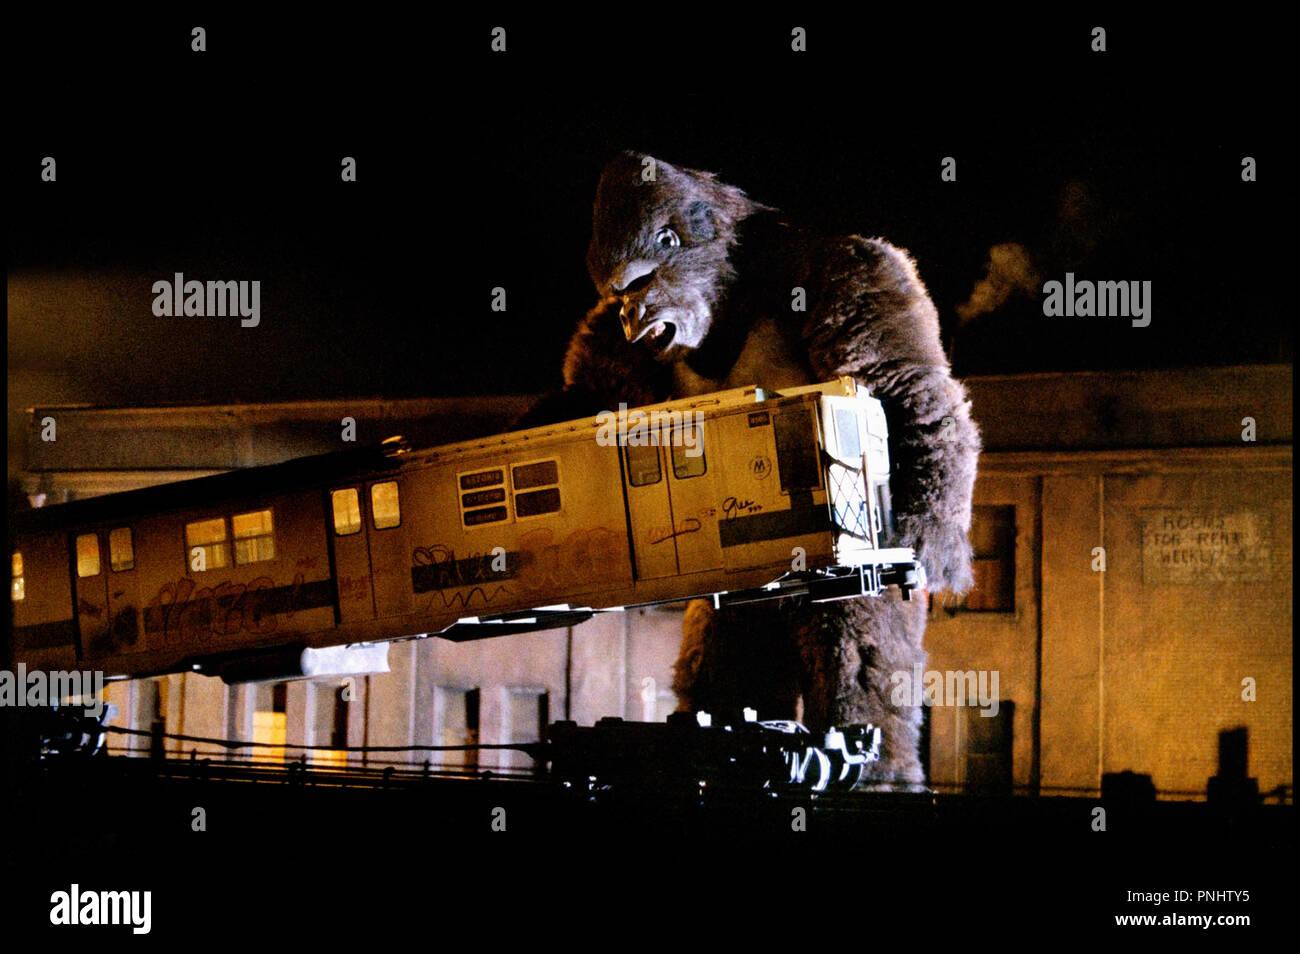 Prod DB © De Laurentiis - Paramount Pictures / DR KING KONG de John Guillermin 1976 USA monstre, singe, mutant, gorille geant, metro aerien remake de KING KONG (1933), de Merian C. Cooper et Ernest B. Schoedsack - Stock Image